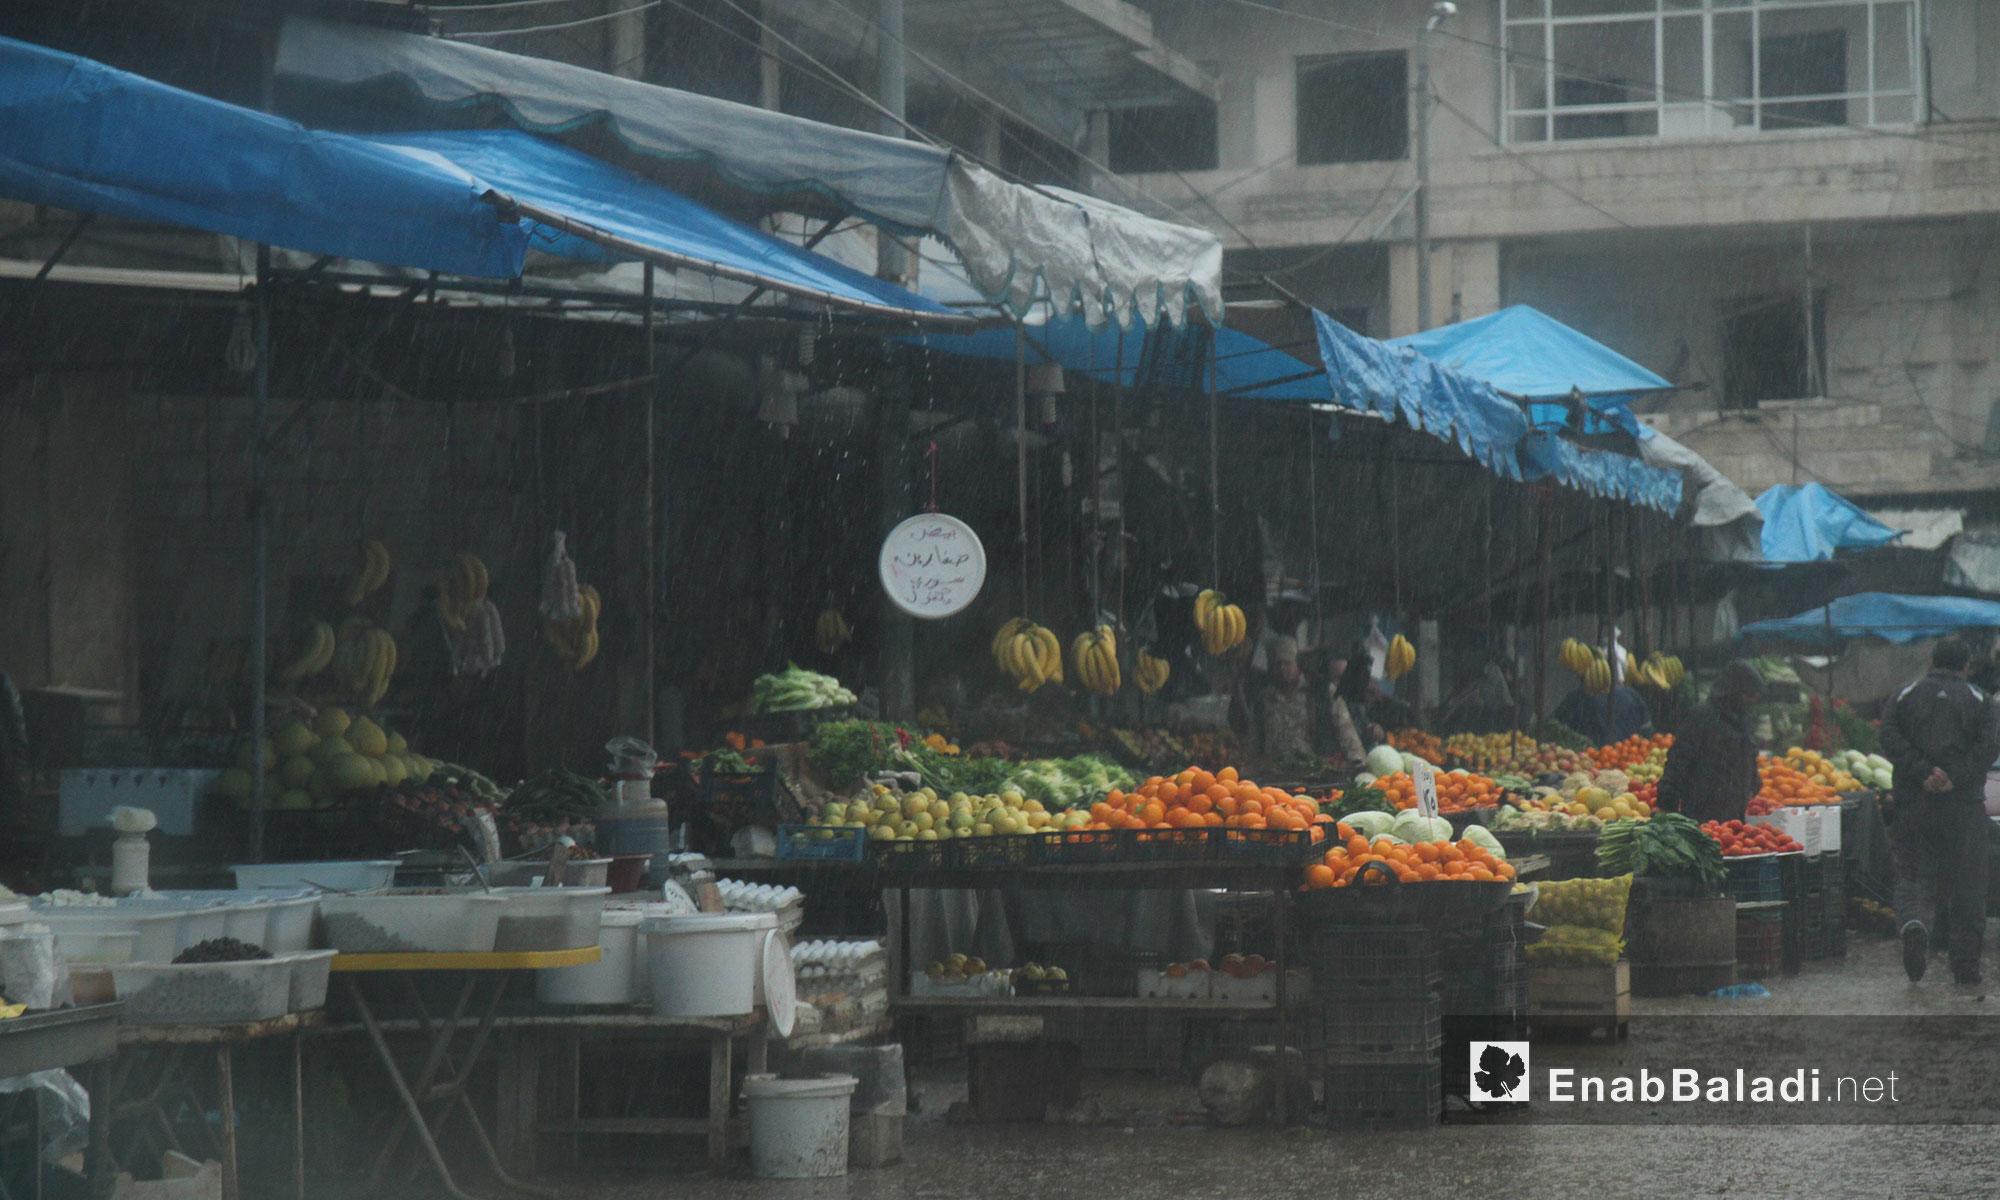 سوق الخضار والفواكه في مدينة إدلب أثناء هطول الأمطار - 11 آذار 2017 (عنب بلدي)